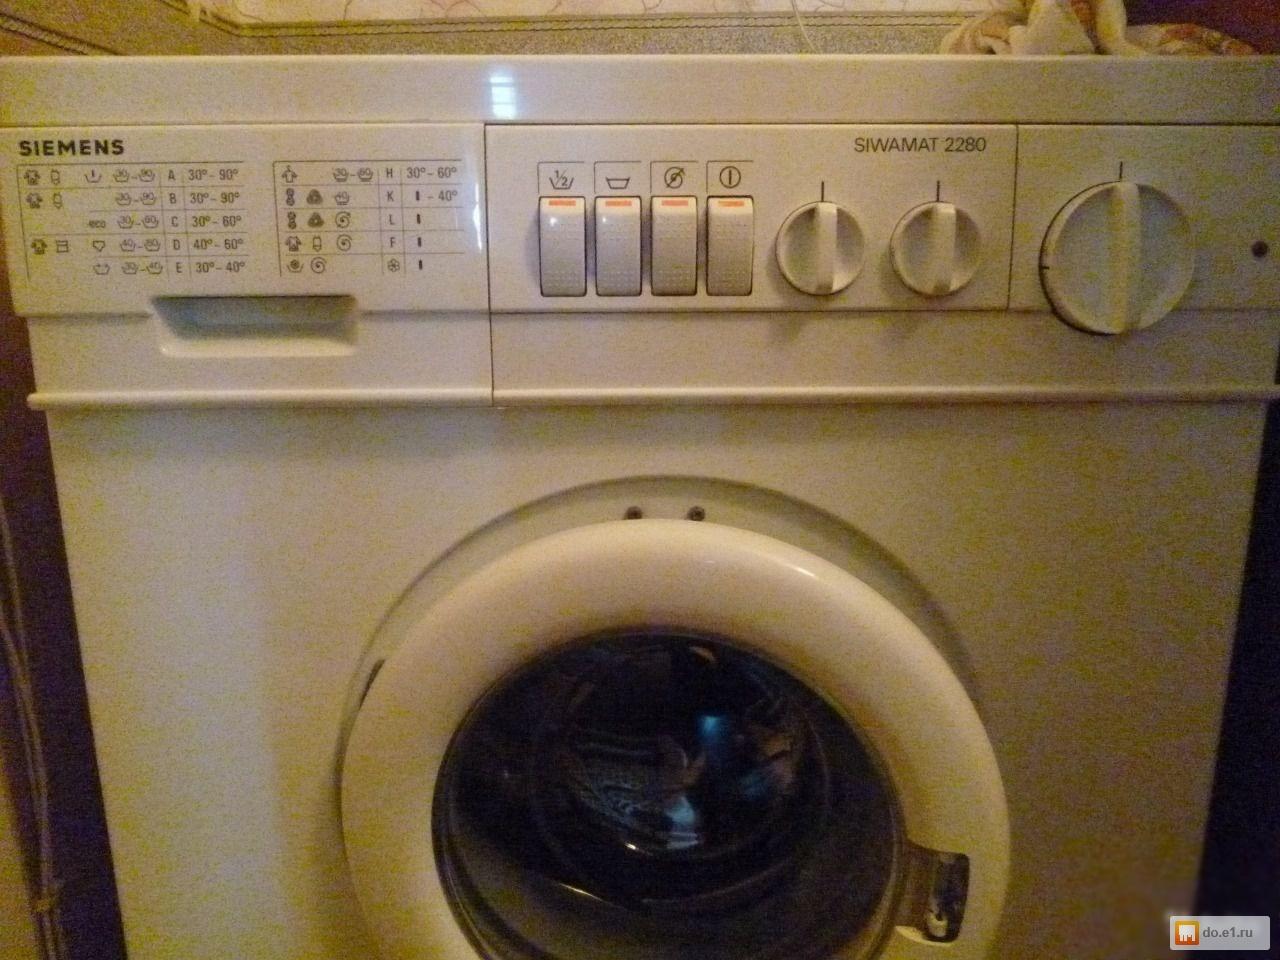 инструкция стиральной машины siemens siwamat 2280